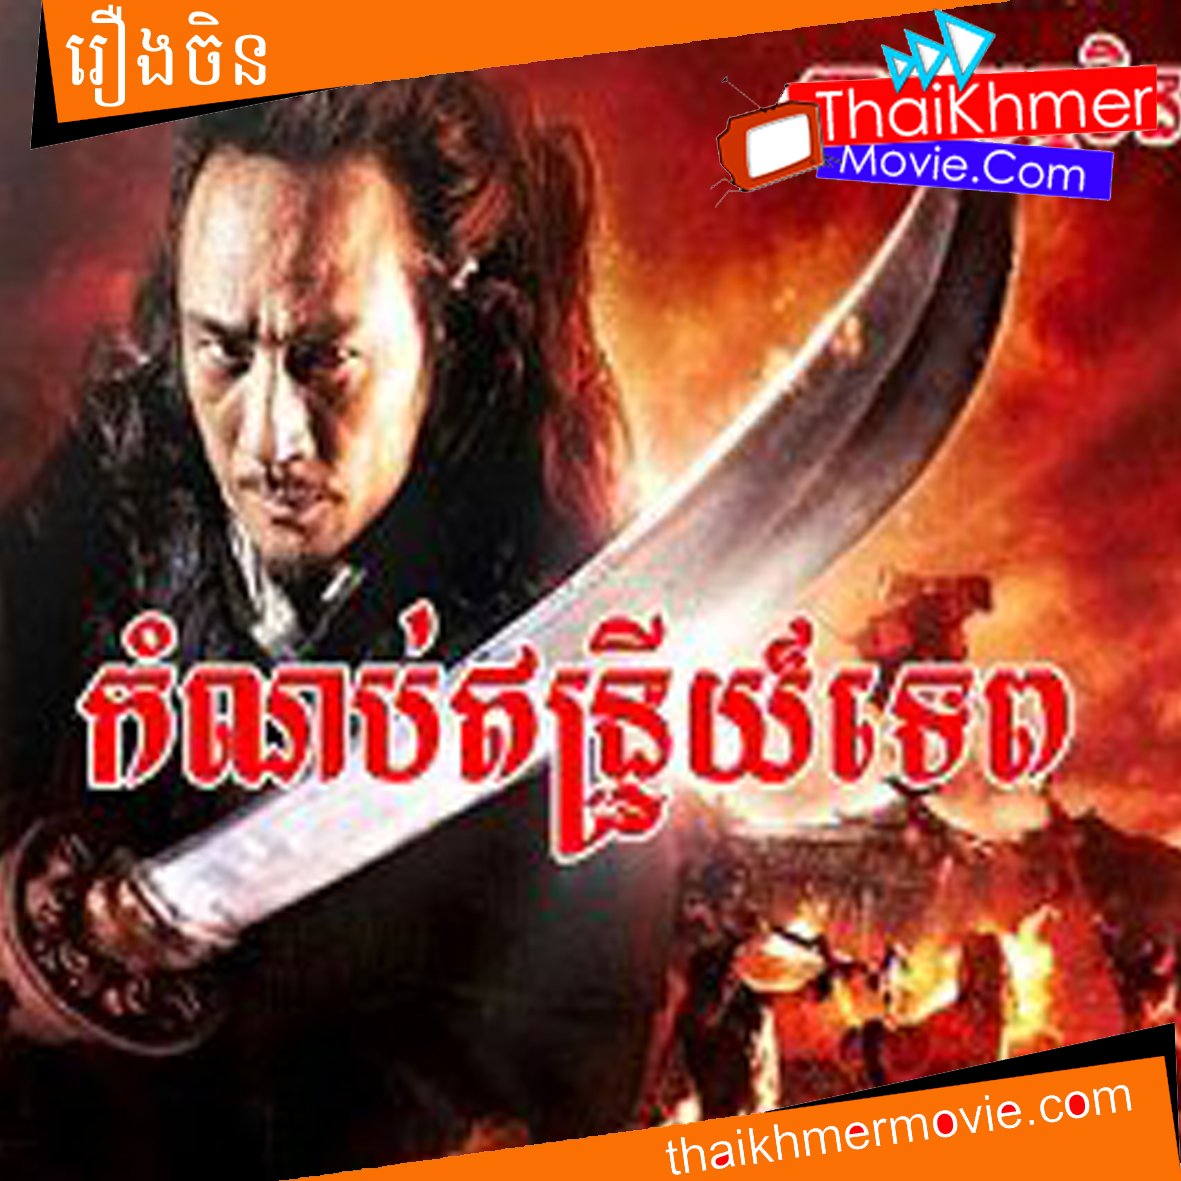 Thaikhmermovie com 2013 01 chinese movie komnop entry tep chinese html